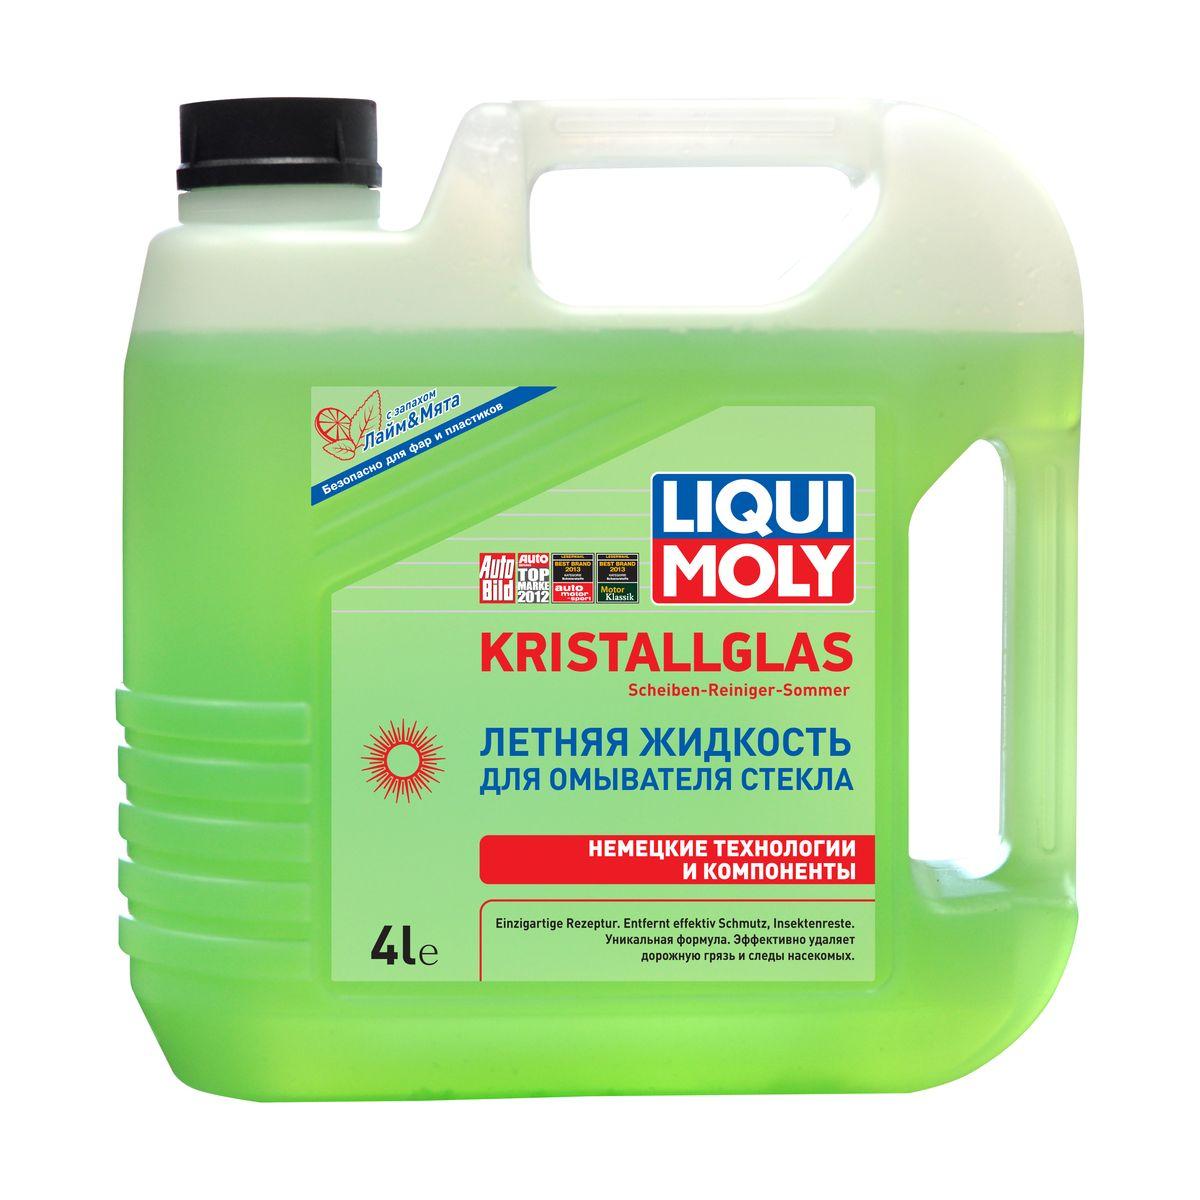 Летняя жидкость для омывателя стекла Liqui Moly Kristallglas, с ароматом лайма и мяты, 4 л01164Летняя жидкость для омывателя стекла Liqui Moly Kristallglas предназначена для очистки стекол автомобиля в летнее время с помощью стеклоочистителя автомобиля или вручную при температуре окружающей среды до 0°C. Эффективно моет, обезжиривает, удаляет следы насекомых, маслянистую дорожную грязь с лобового стекла и фар. Не оставляет следов и отблесков. Предотвращает образование плесени и коррозии в системе стеклоомывателя автомобиля. Специально разработанные присадки не допускают возникновения эффекта высохших капель, даже на солнце, и обеспечивают долговременный эффект чистоты. Предохраняет стекло и щетки стеклоочистителей от абразивного износа. Жидкость нейтральна к лакокрасочным покрытиям, резиновым и пластиковым деталям кузова. Входящий в состав антистатик не позволяет оседать пыли на стекле. Состав: вода деминерализованная >30%, смесь поверхностно-активных веществ Товар сертифицирован.